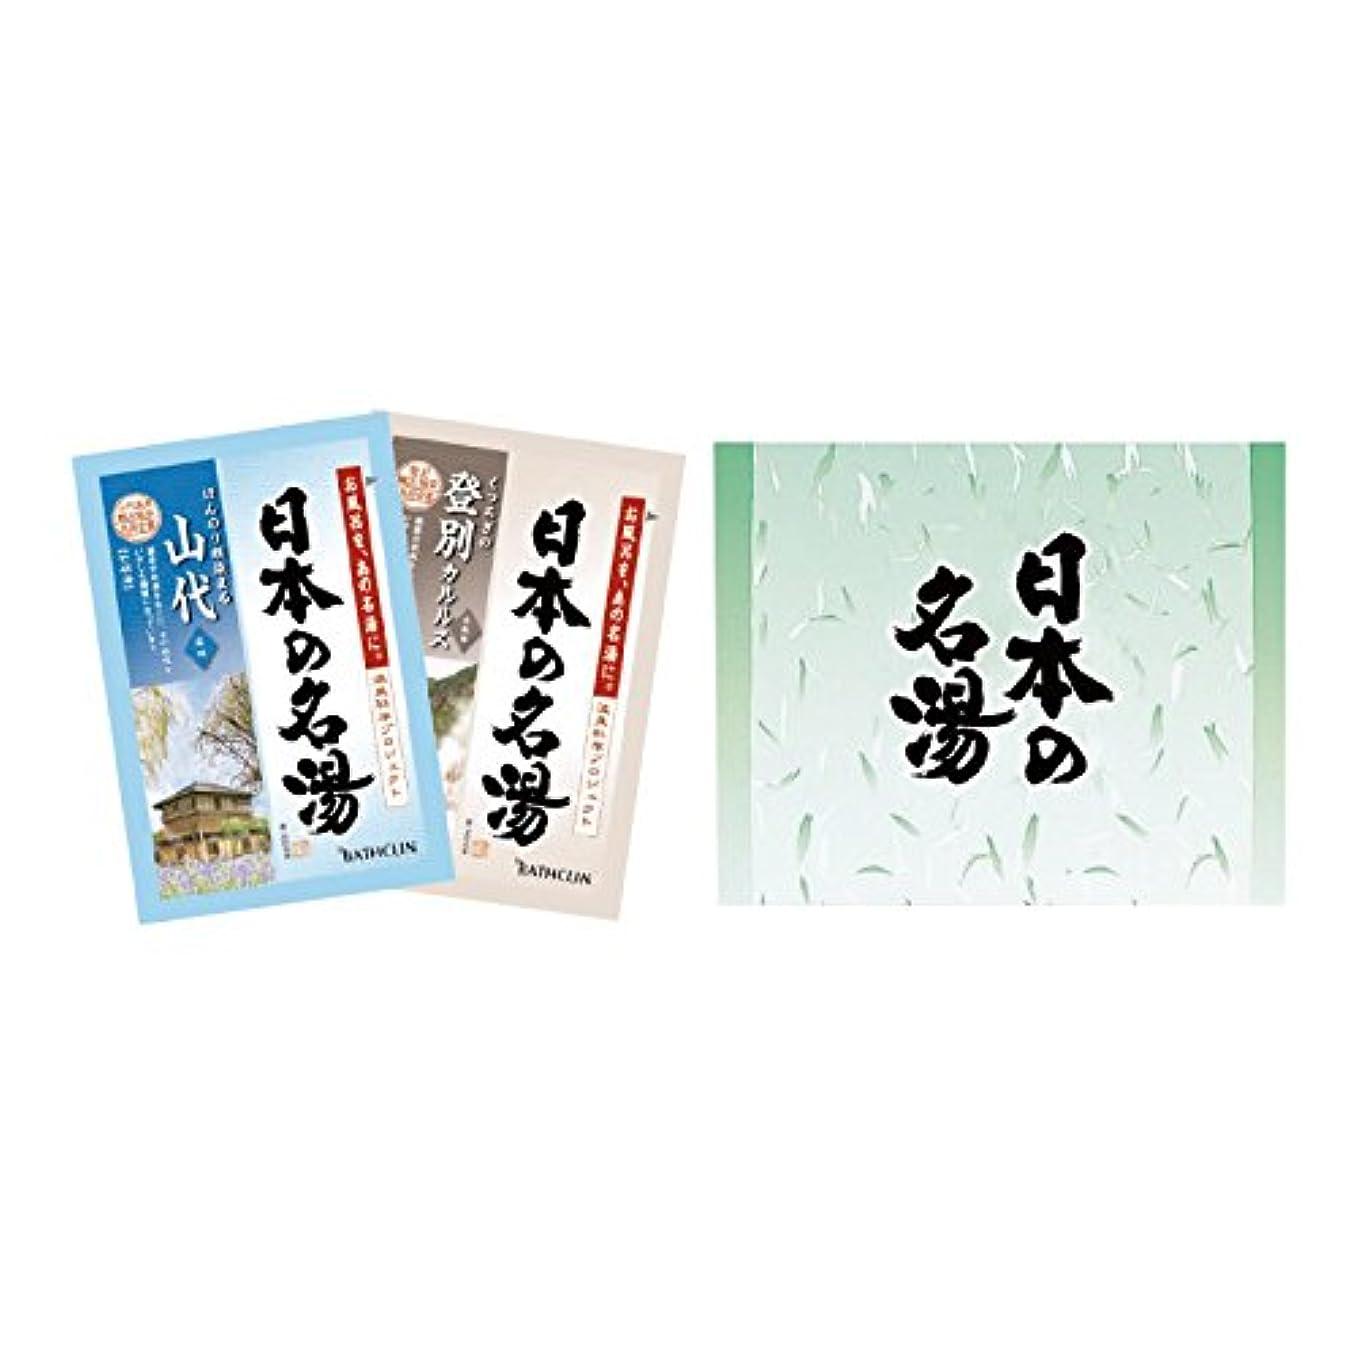 冷える禁止テンション日本の名湯 入浴剤 2包入